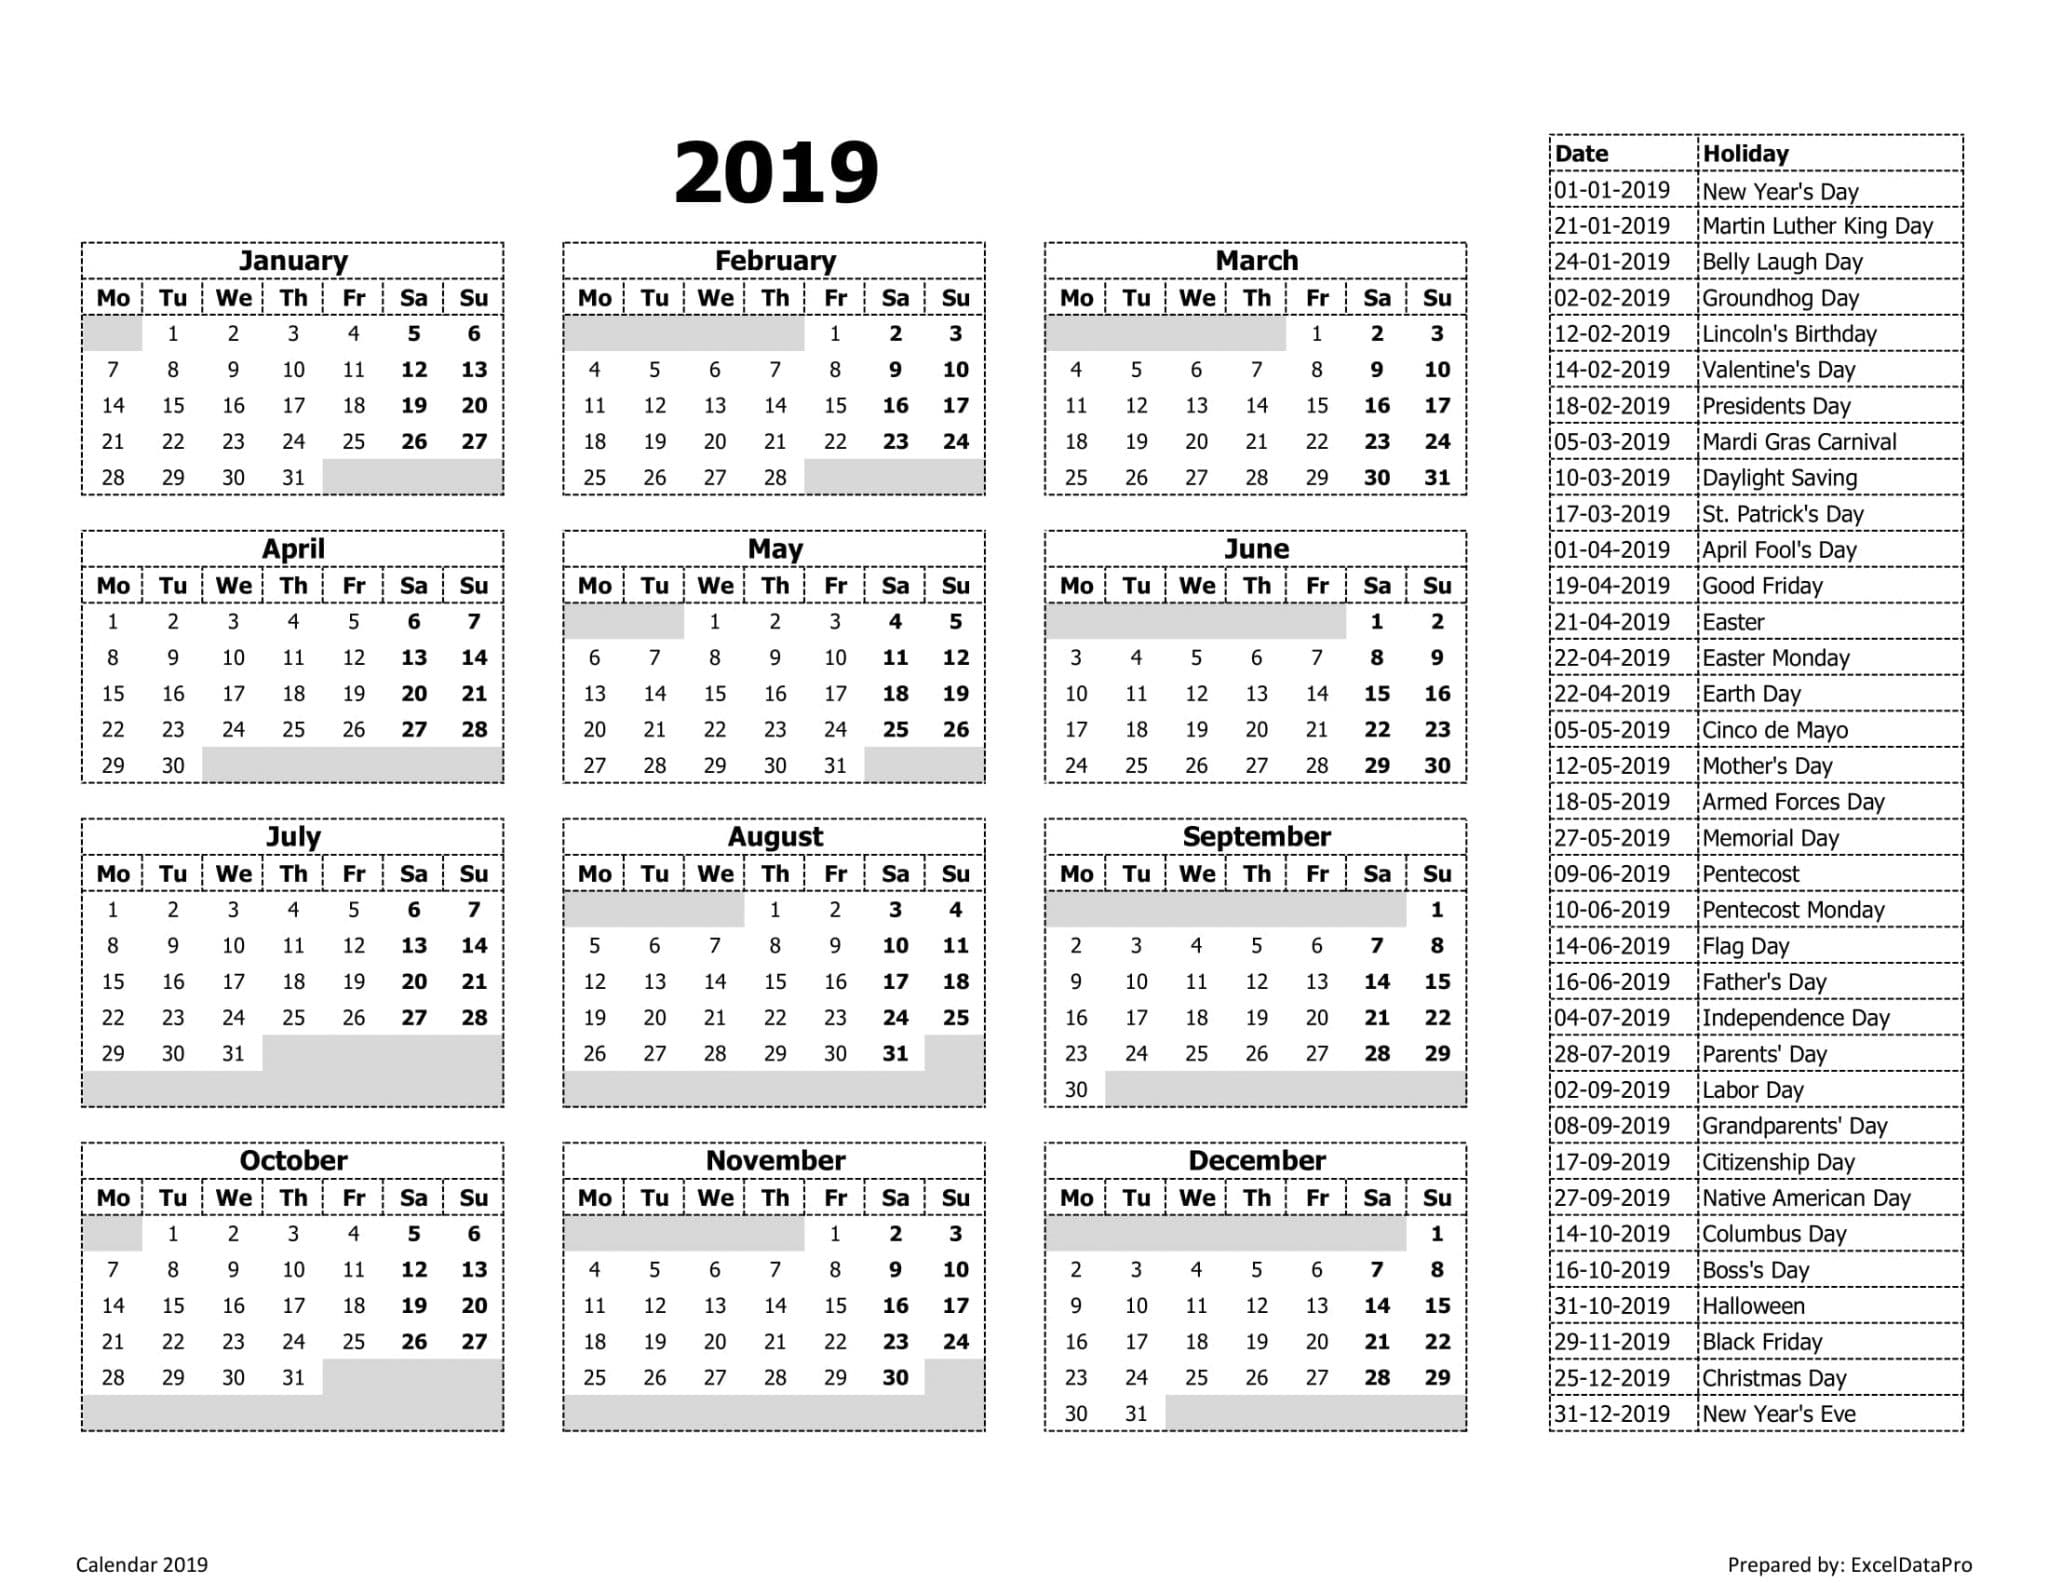 Calendar 2019 Monday Start